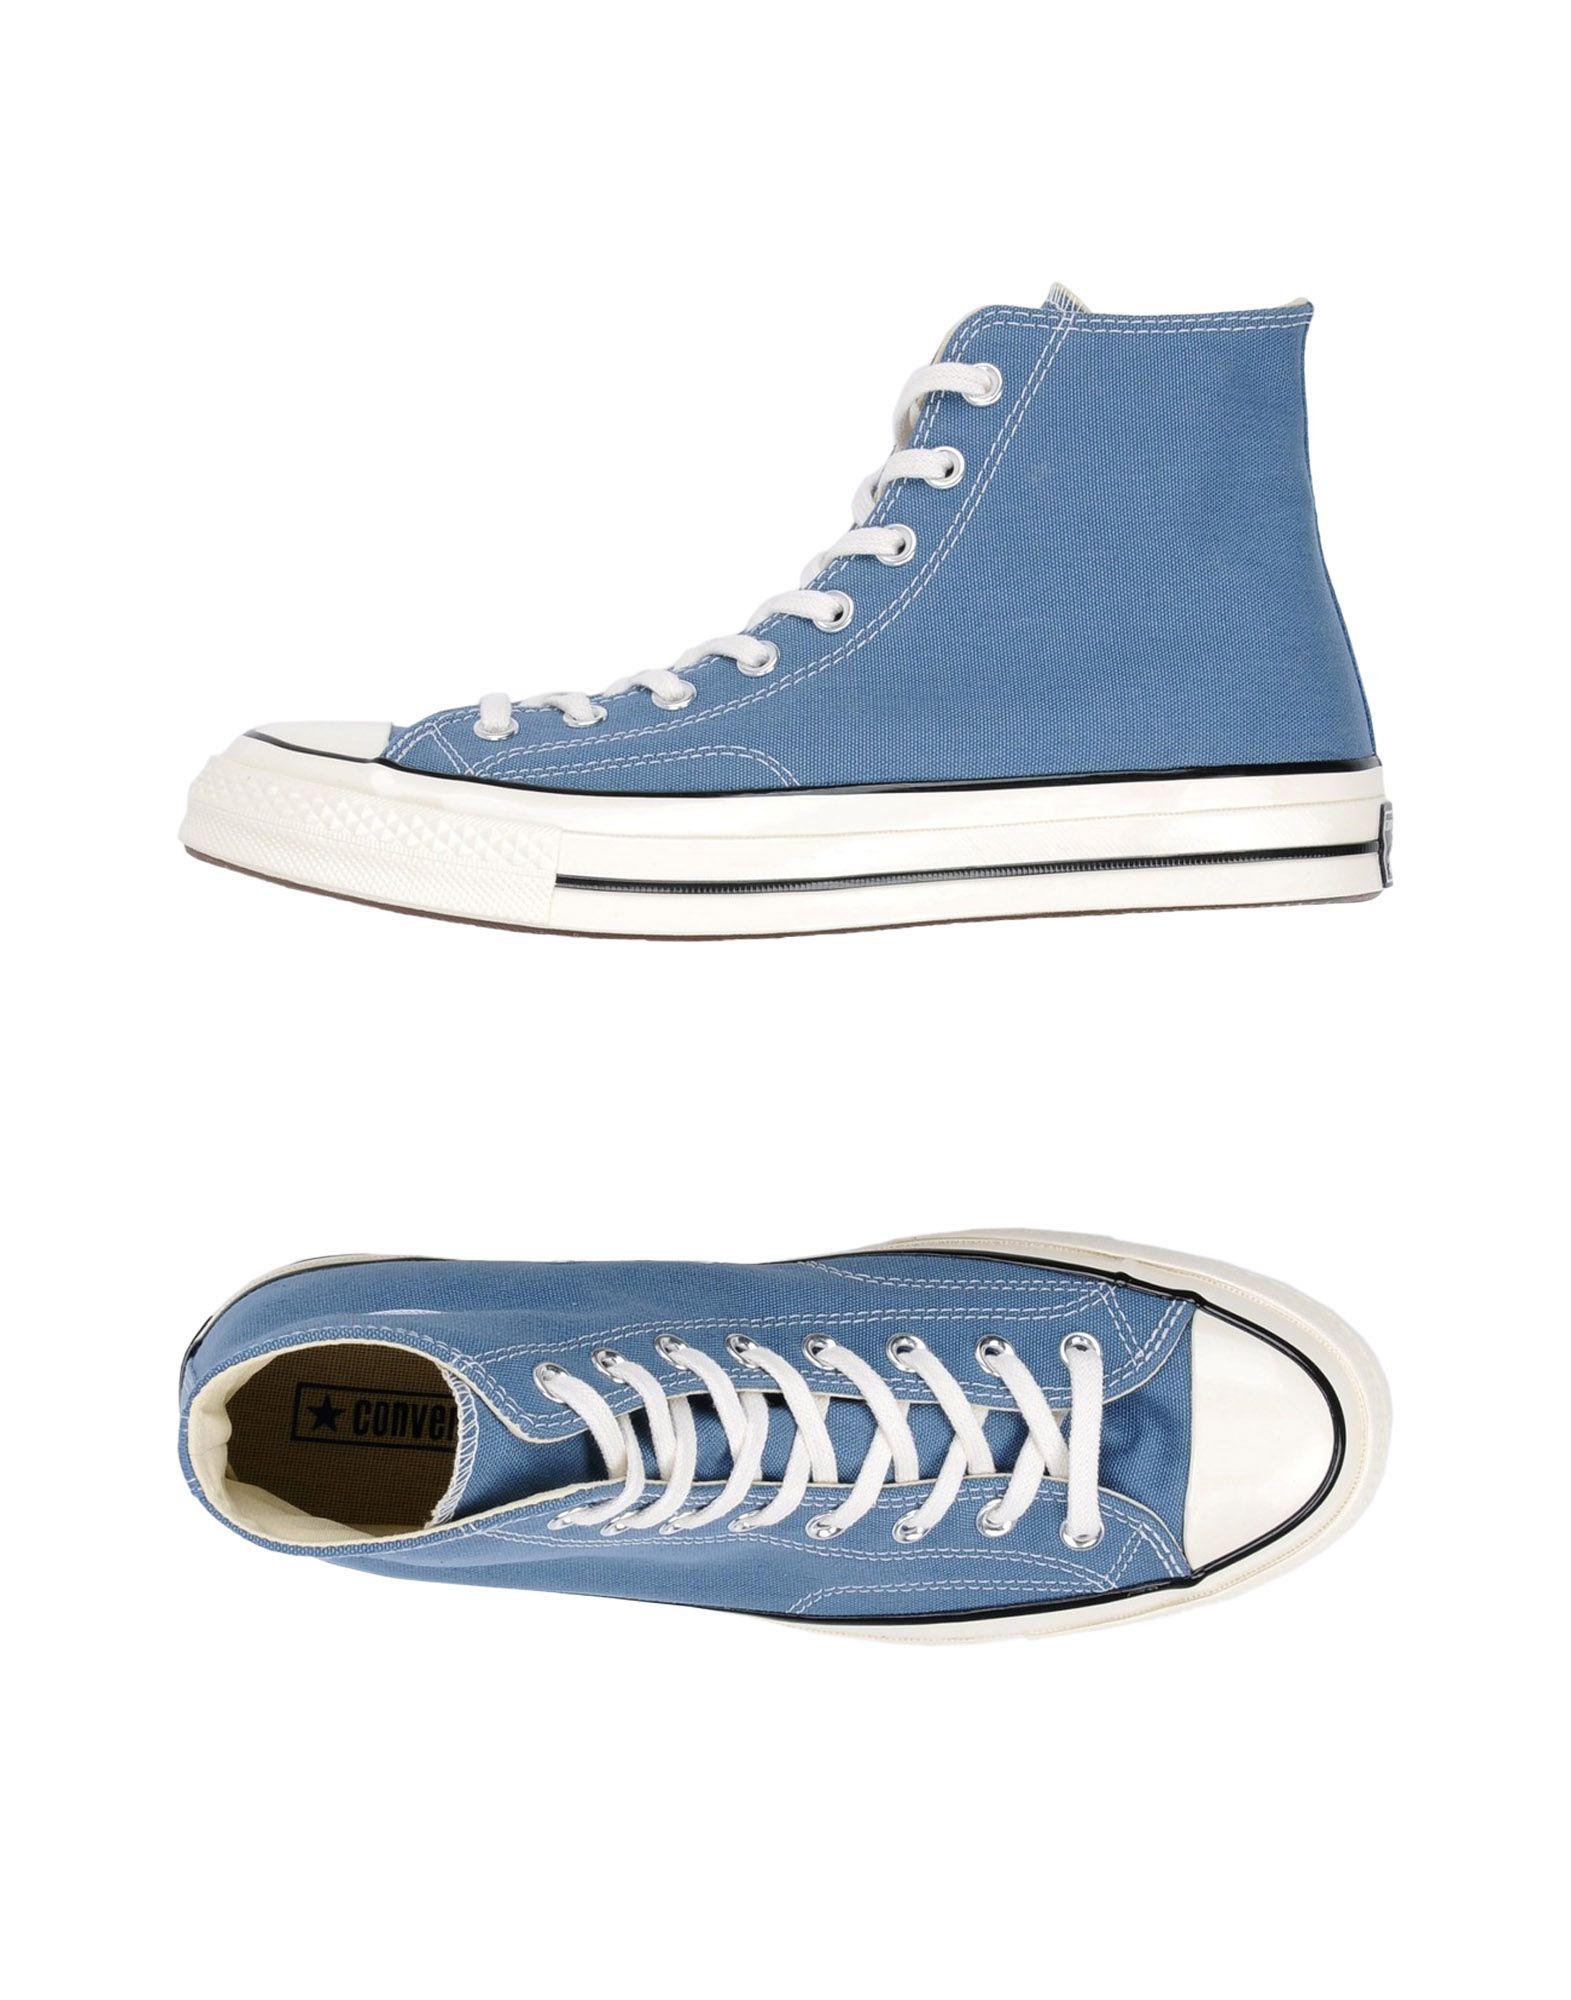 Sneakers Converse All Star Ct As Hi 70S Vintage Canvas - Uomo - Acquista online su